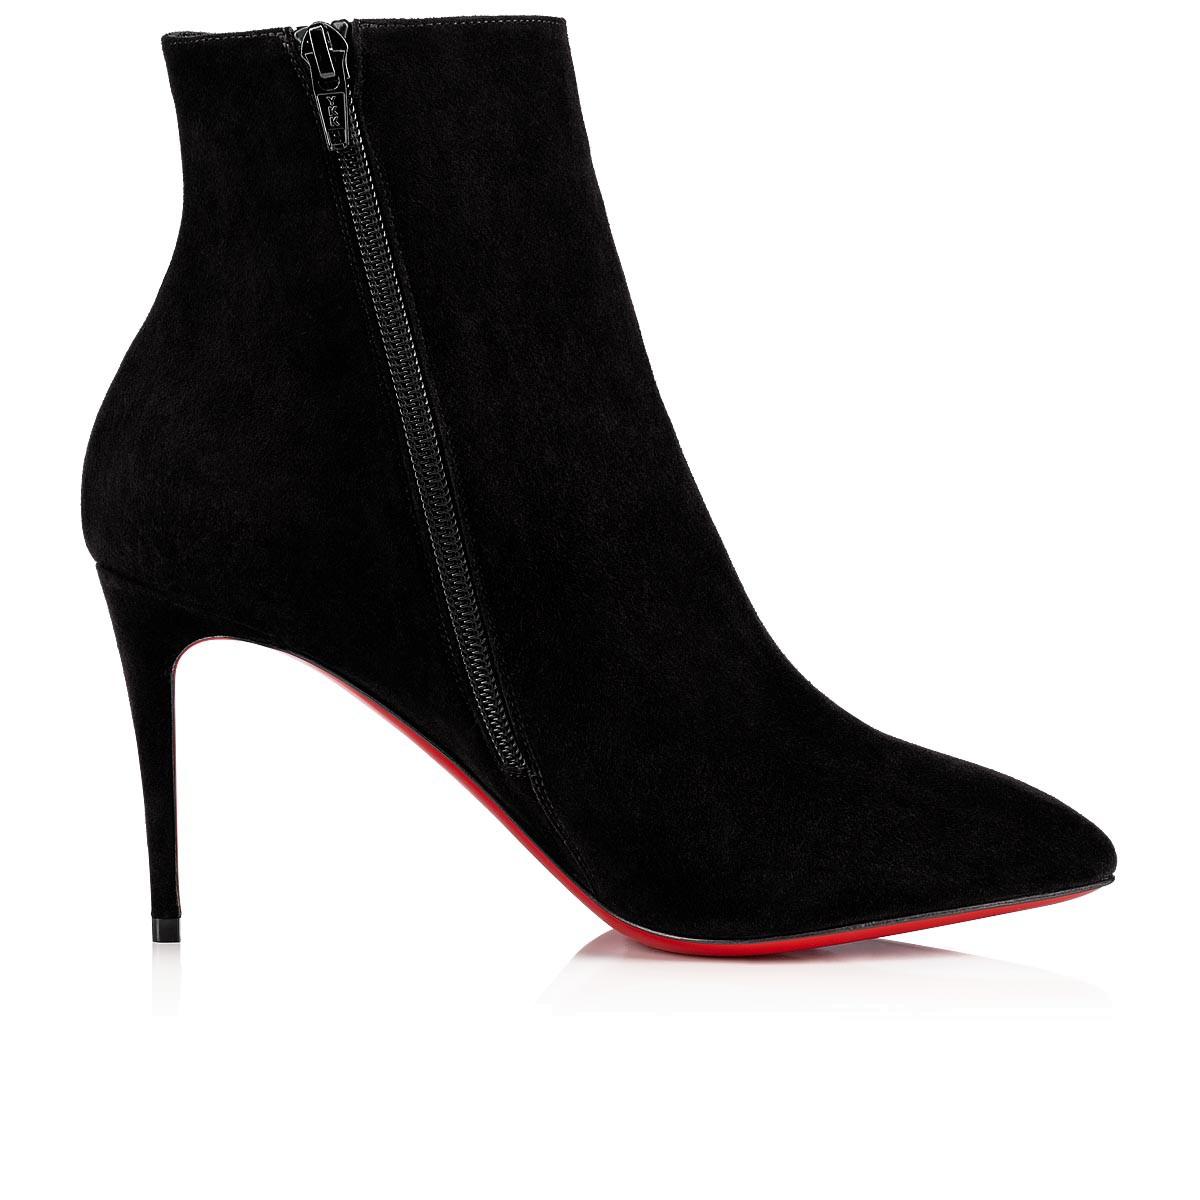 鞋履 - Eloise Booty - Christian Louboutin